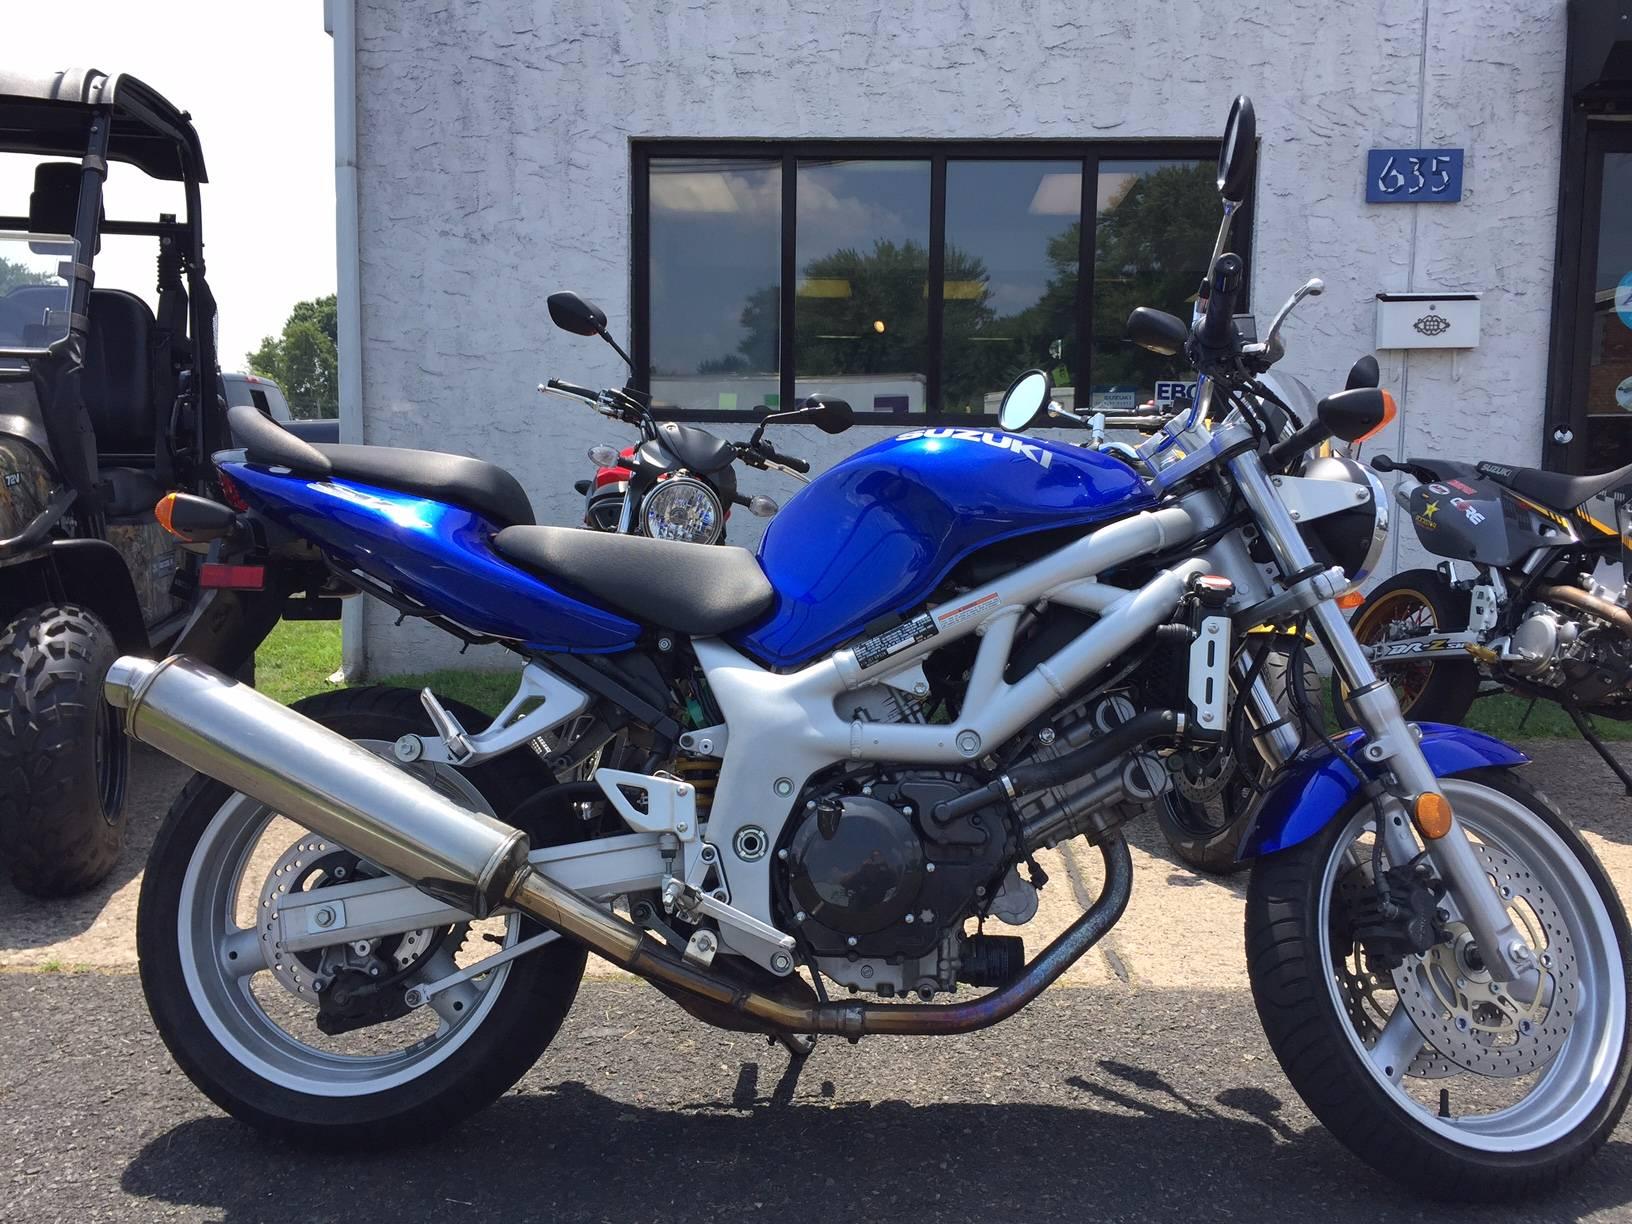 2001 Suzuki SV650 2